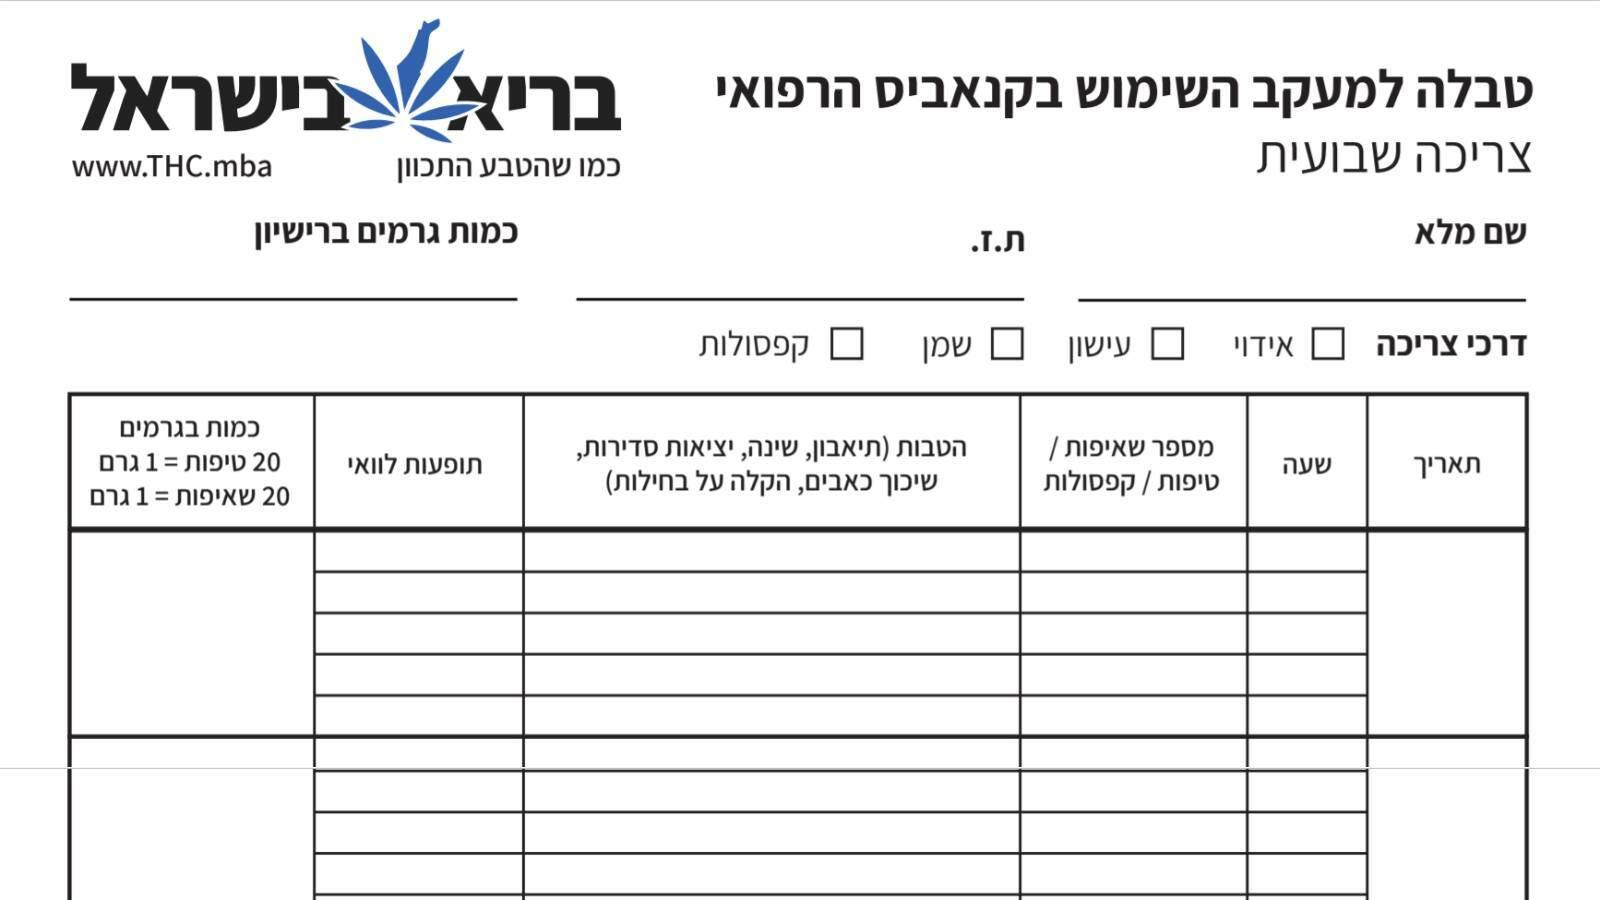 טבלת צריכה שבועית לקנאביס רפואי - בריא בישראל